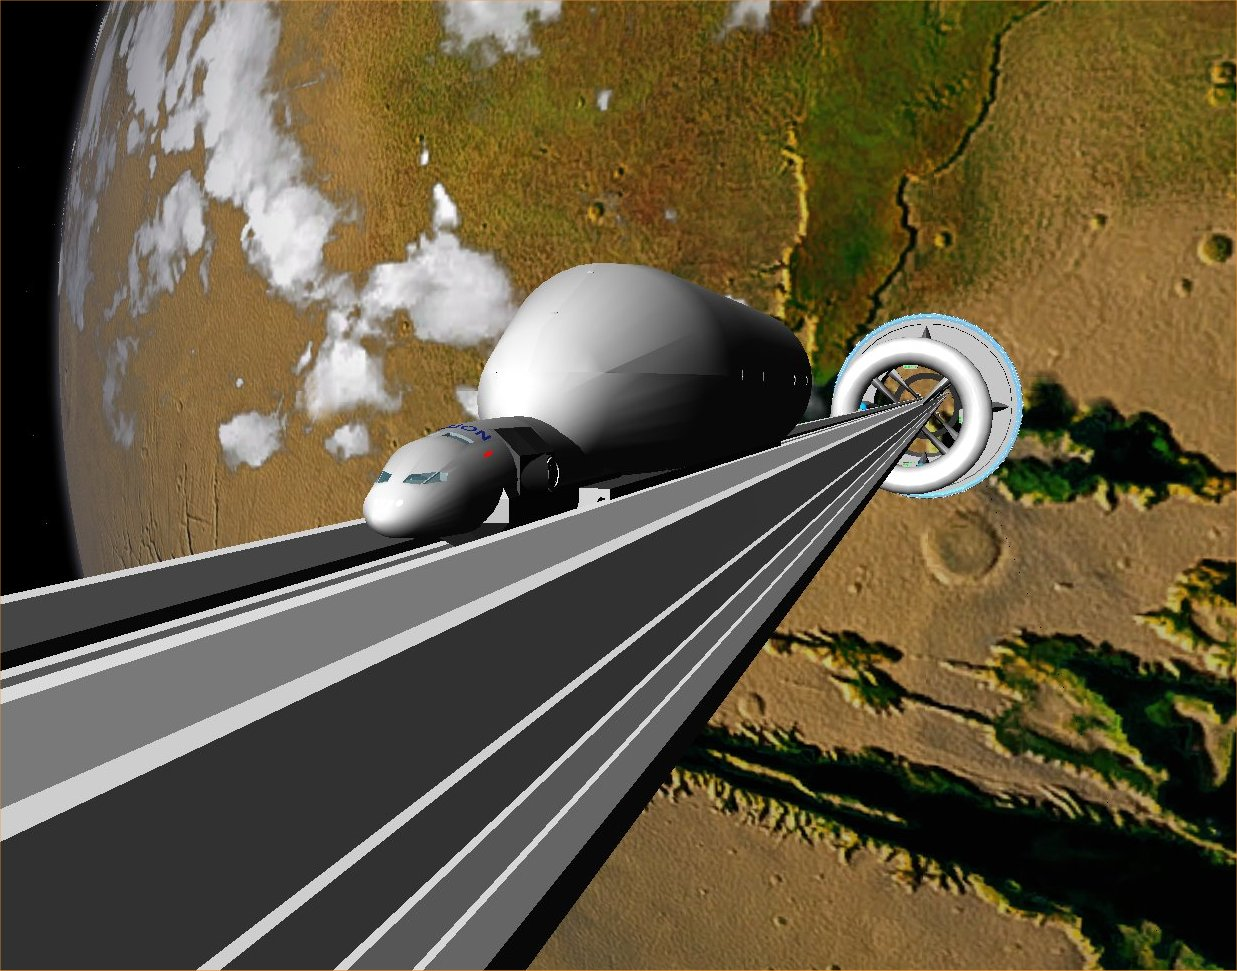 El ascensor espacial de nanotubos de carbono podría ser una realidad en 40 años